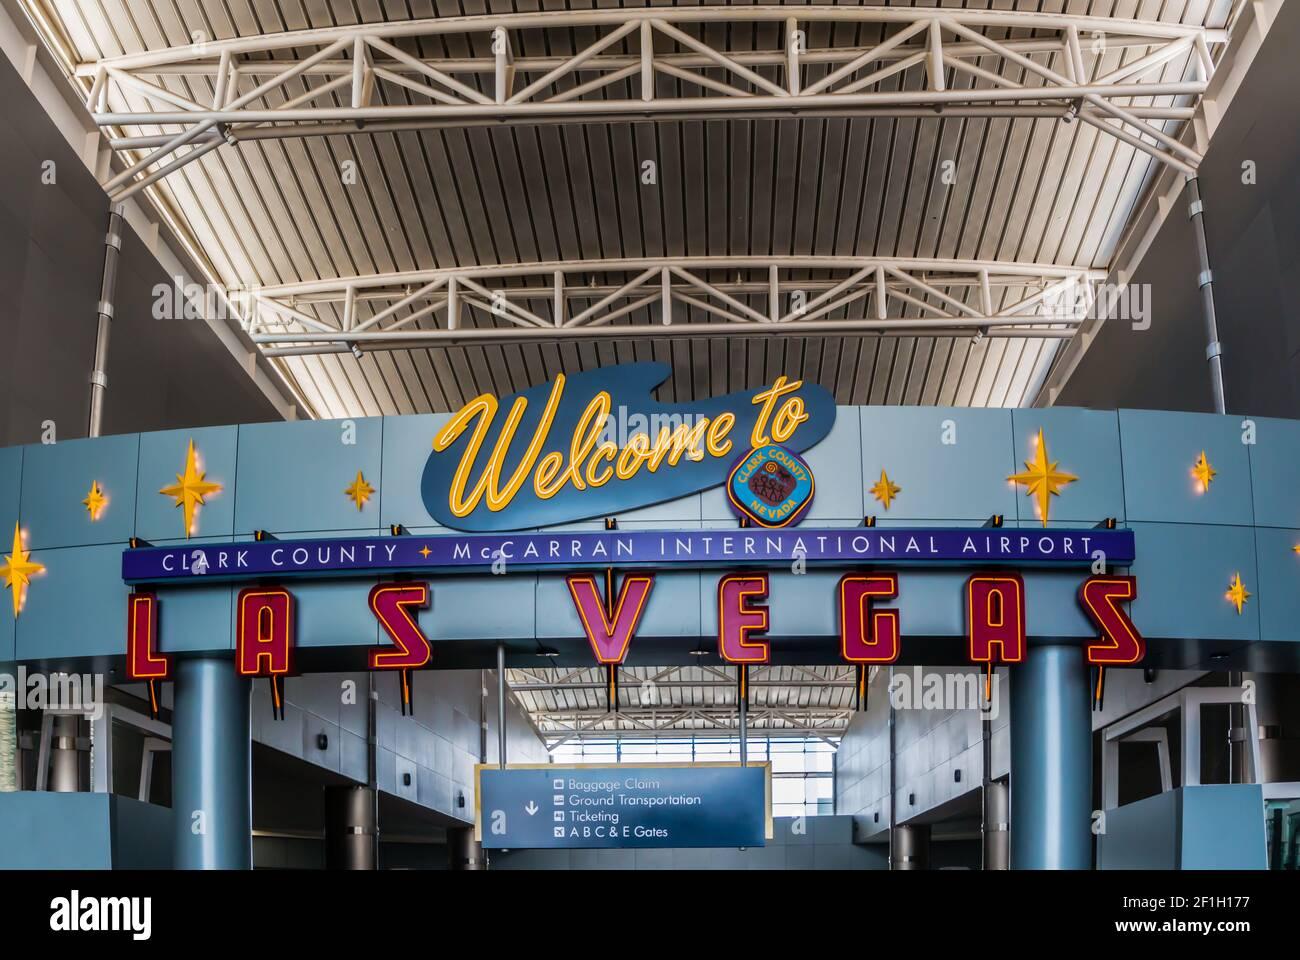 Cartel de bienvenida en el Aeropuerto Internacional McCarran, las Vegas, Nevada, Estados Unidos Foto de stock